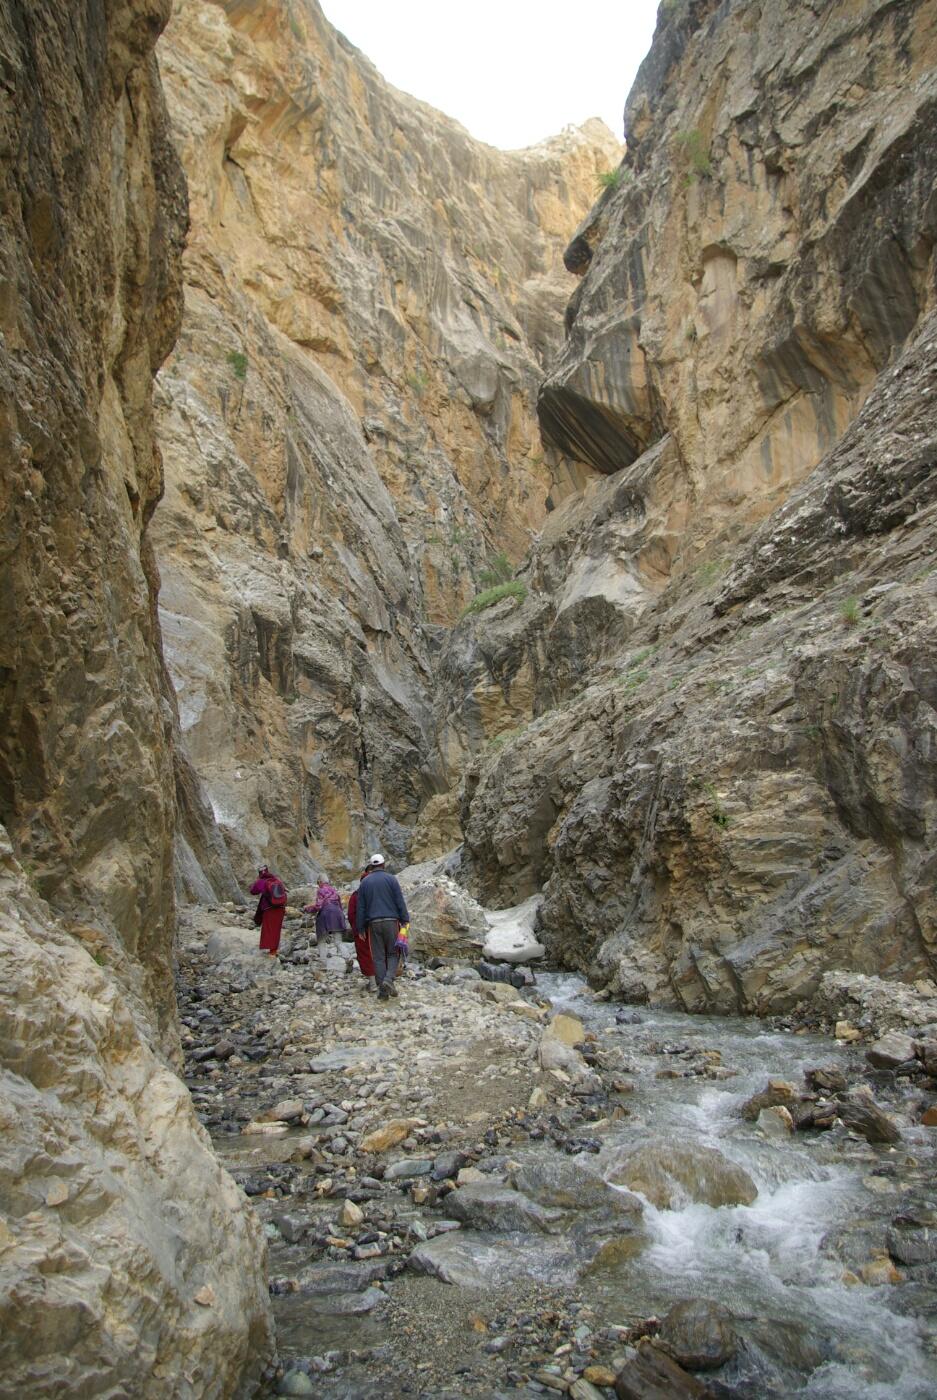 Phokar, Padmasambhava: ...doch bald nur noch Felsen